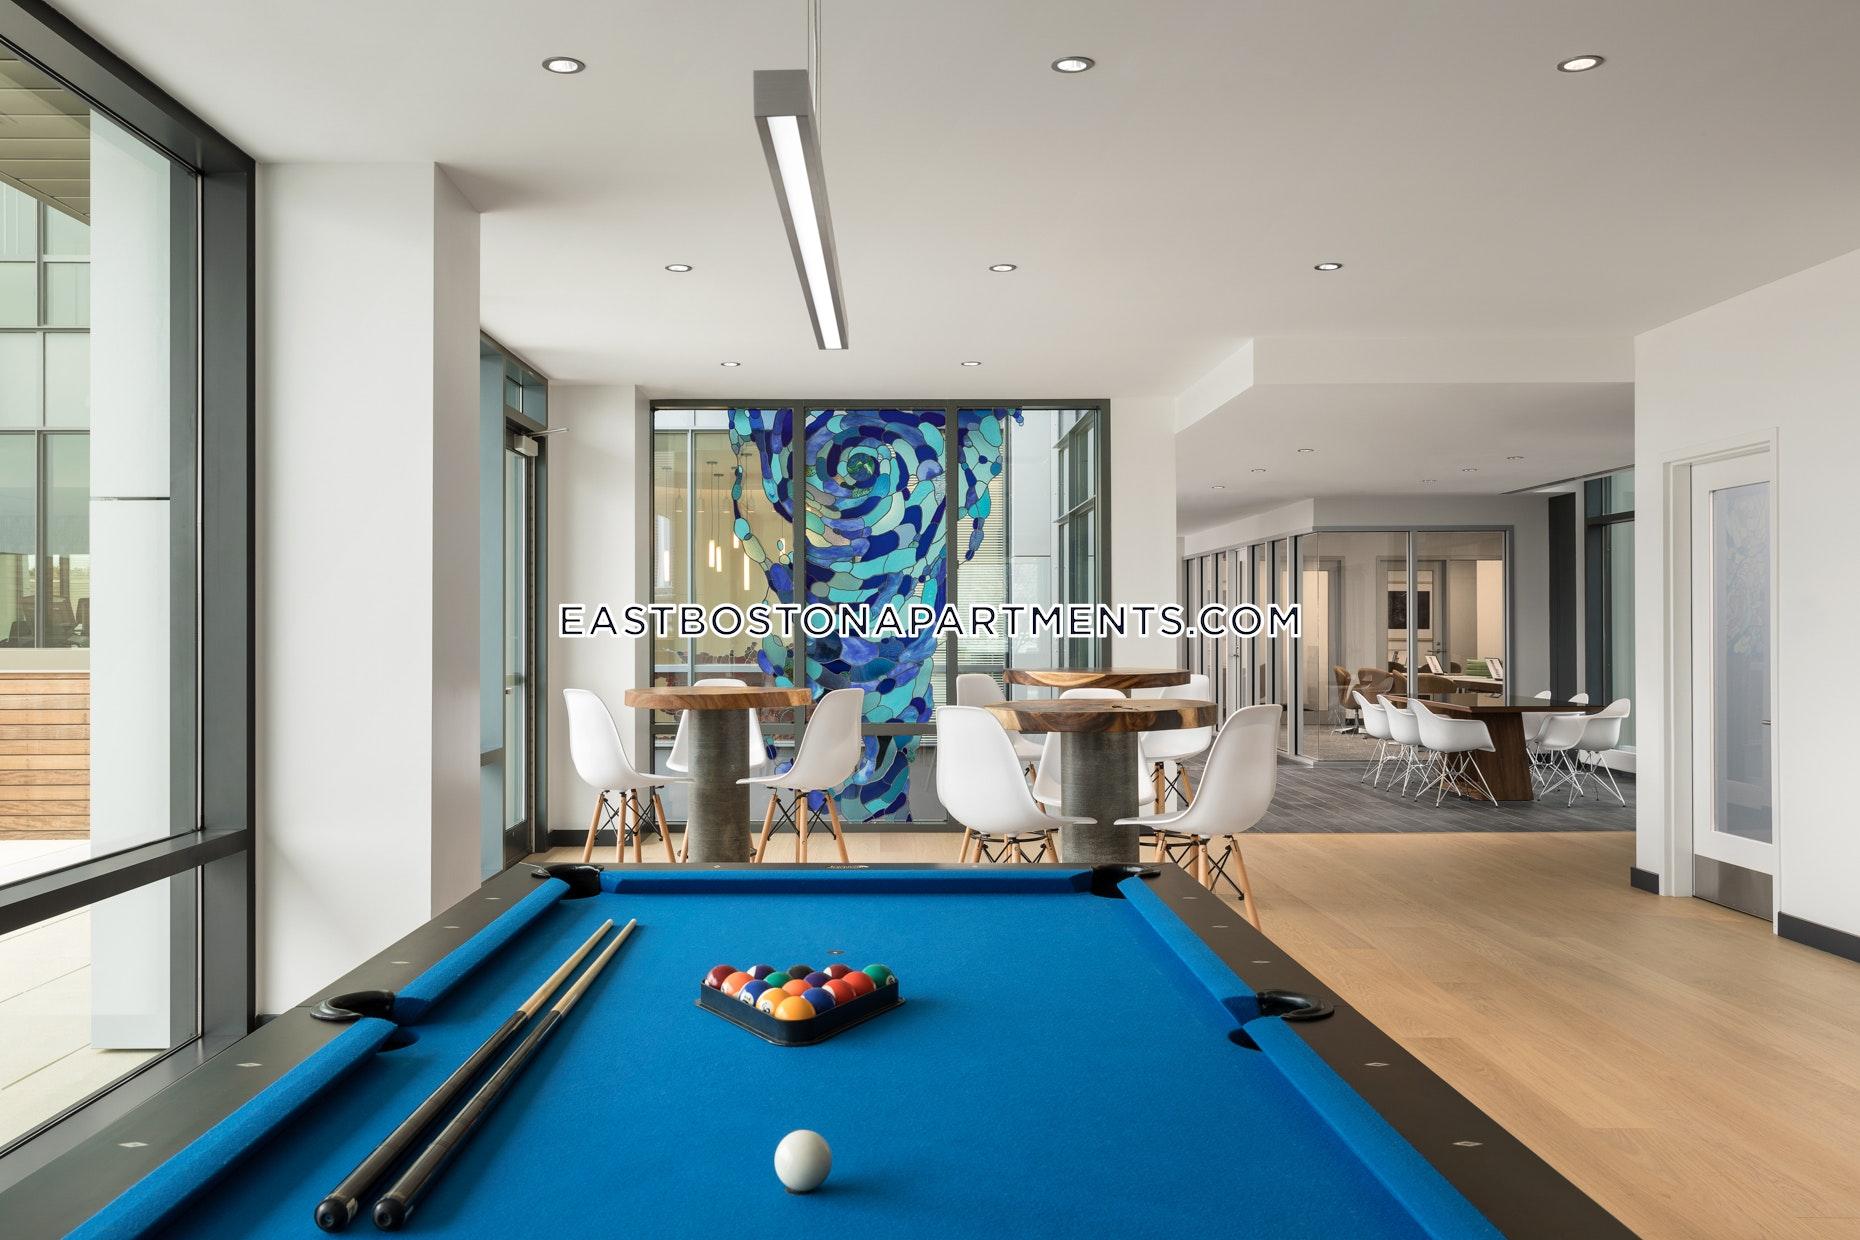 Bed Apartment For Mo In BOSTON EAST BOSTON MAVERICK - Maverick pool table